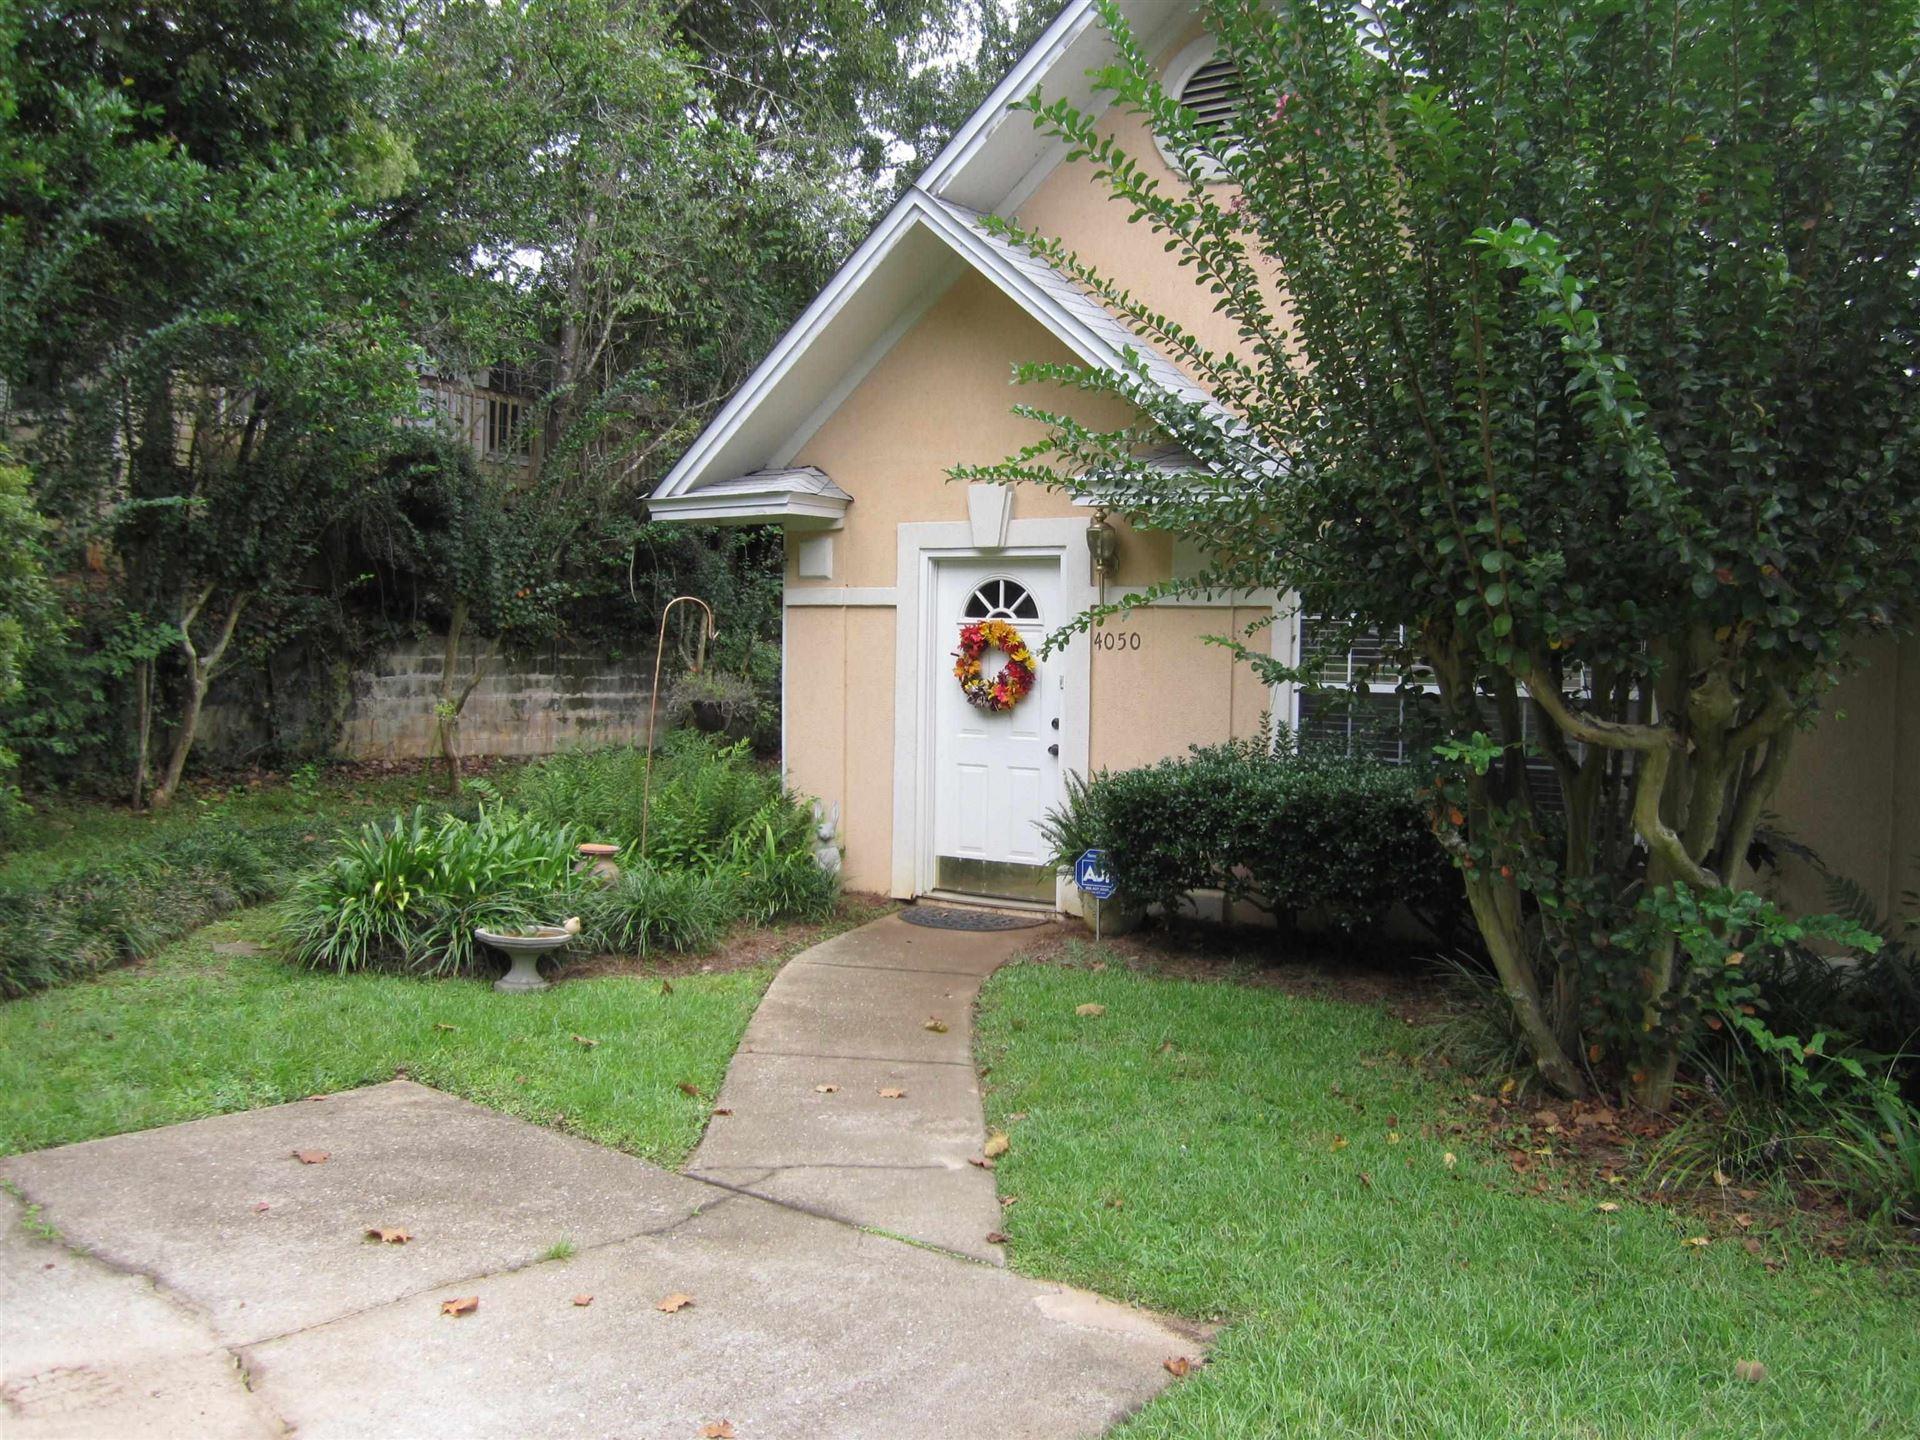 Photo of 4050 Silkbay Ct, TALLAHASSEE, FL 32308 (MLS # 337689)